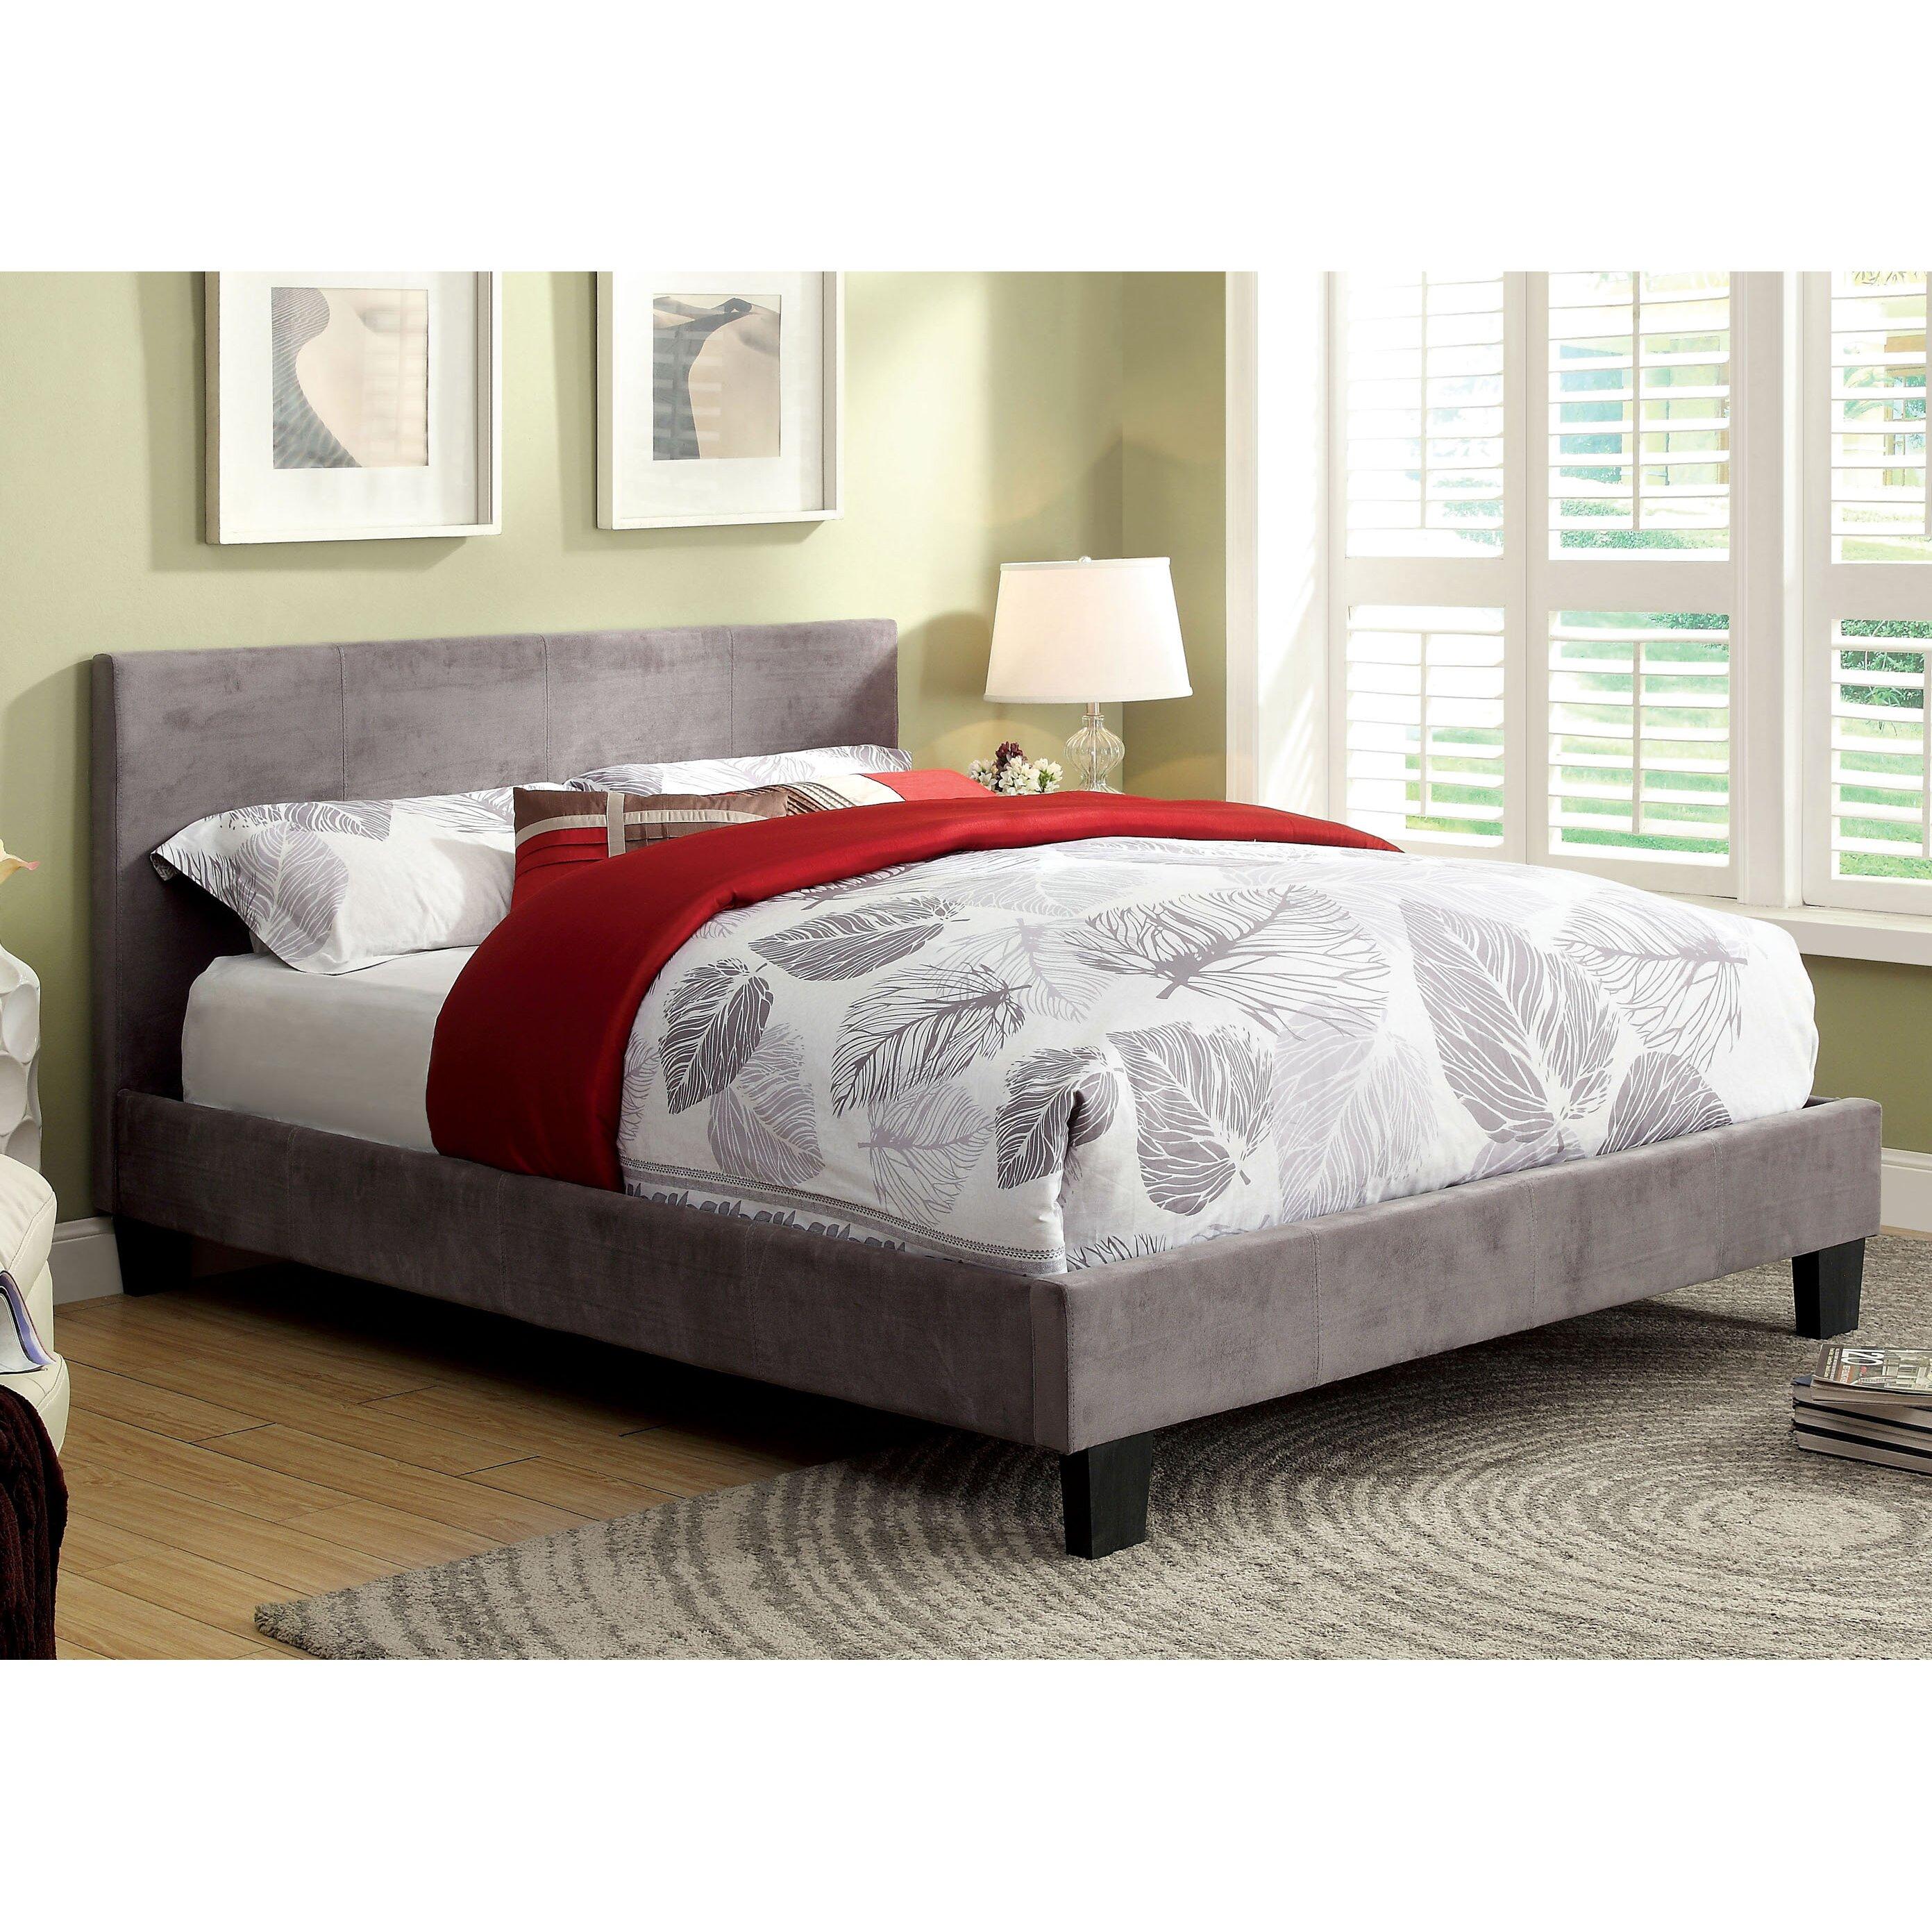 Varick Gallery Crestline Upholstered Platform Bed